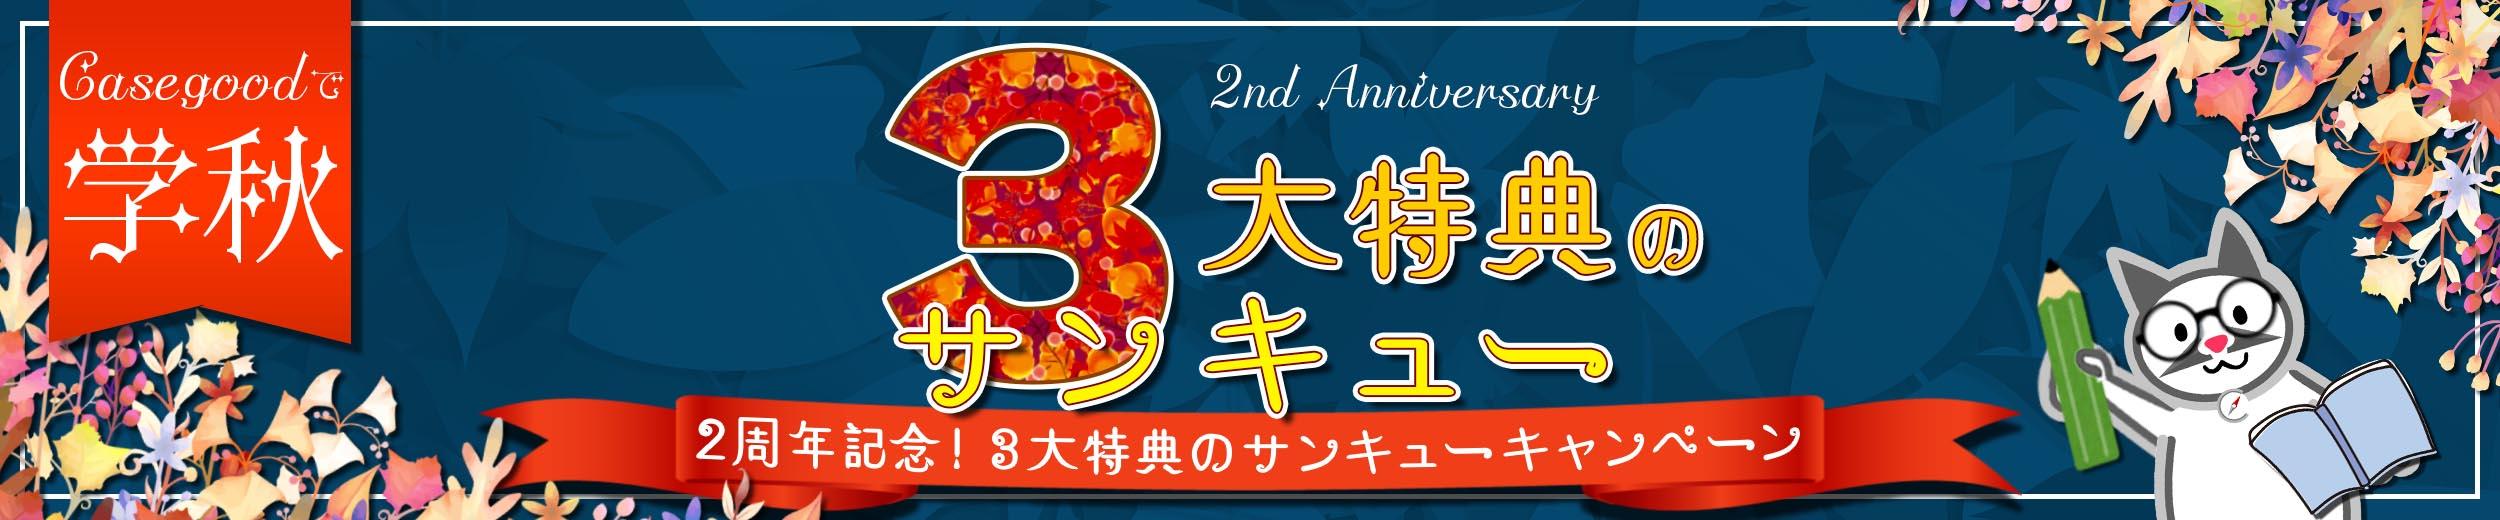 【Casegoodで学秋】3大特典のサンキューキャンペーン♪